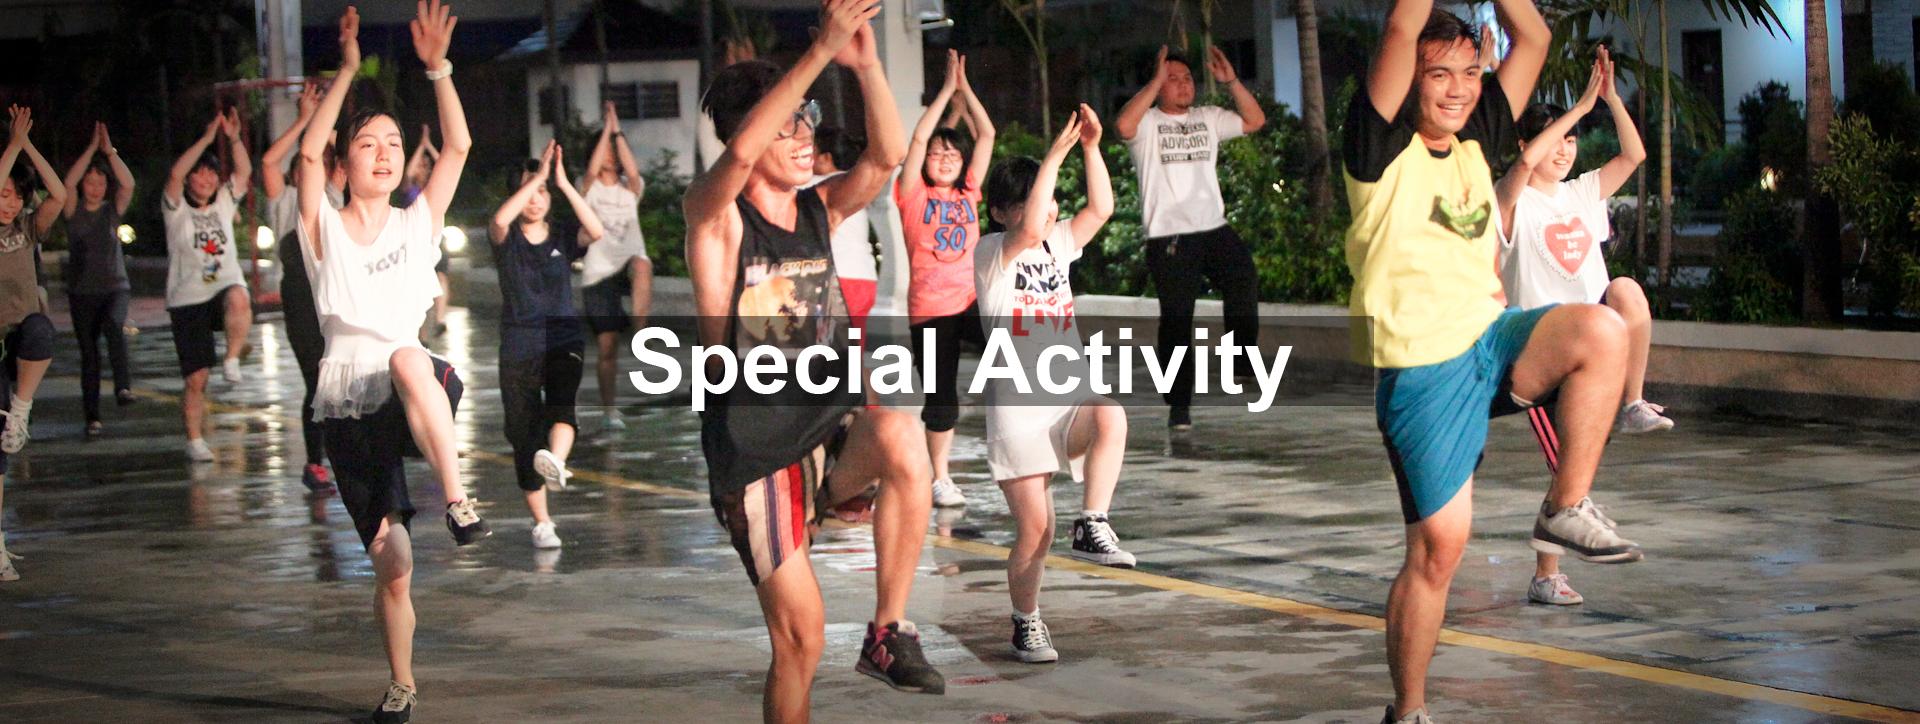 03_5_3specialActivity_1